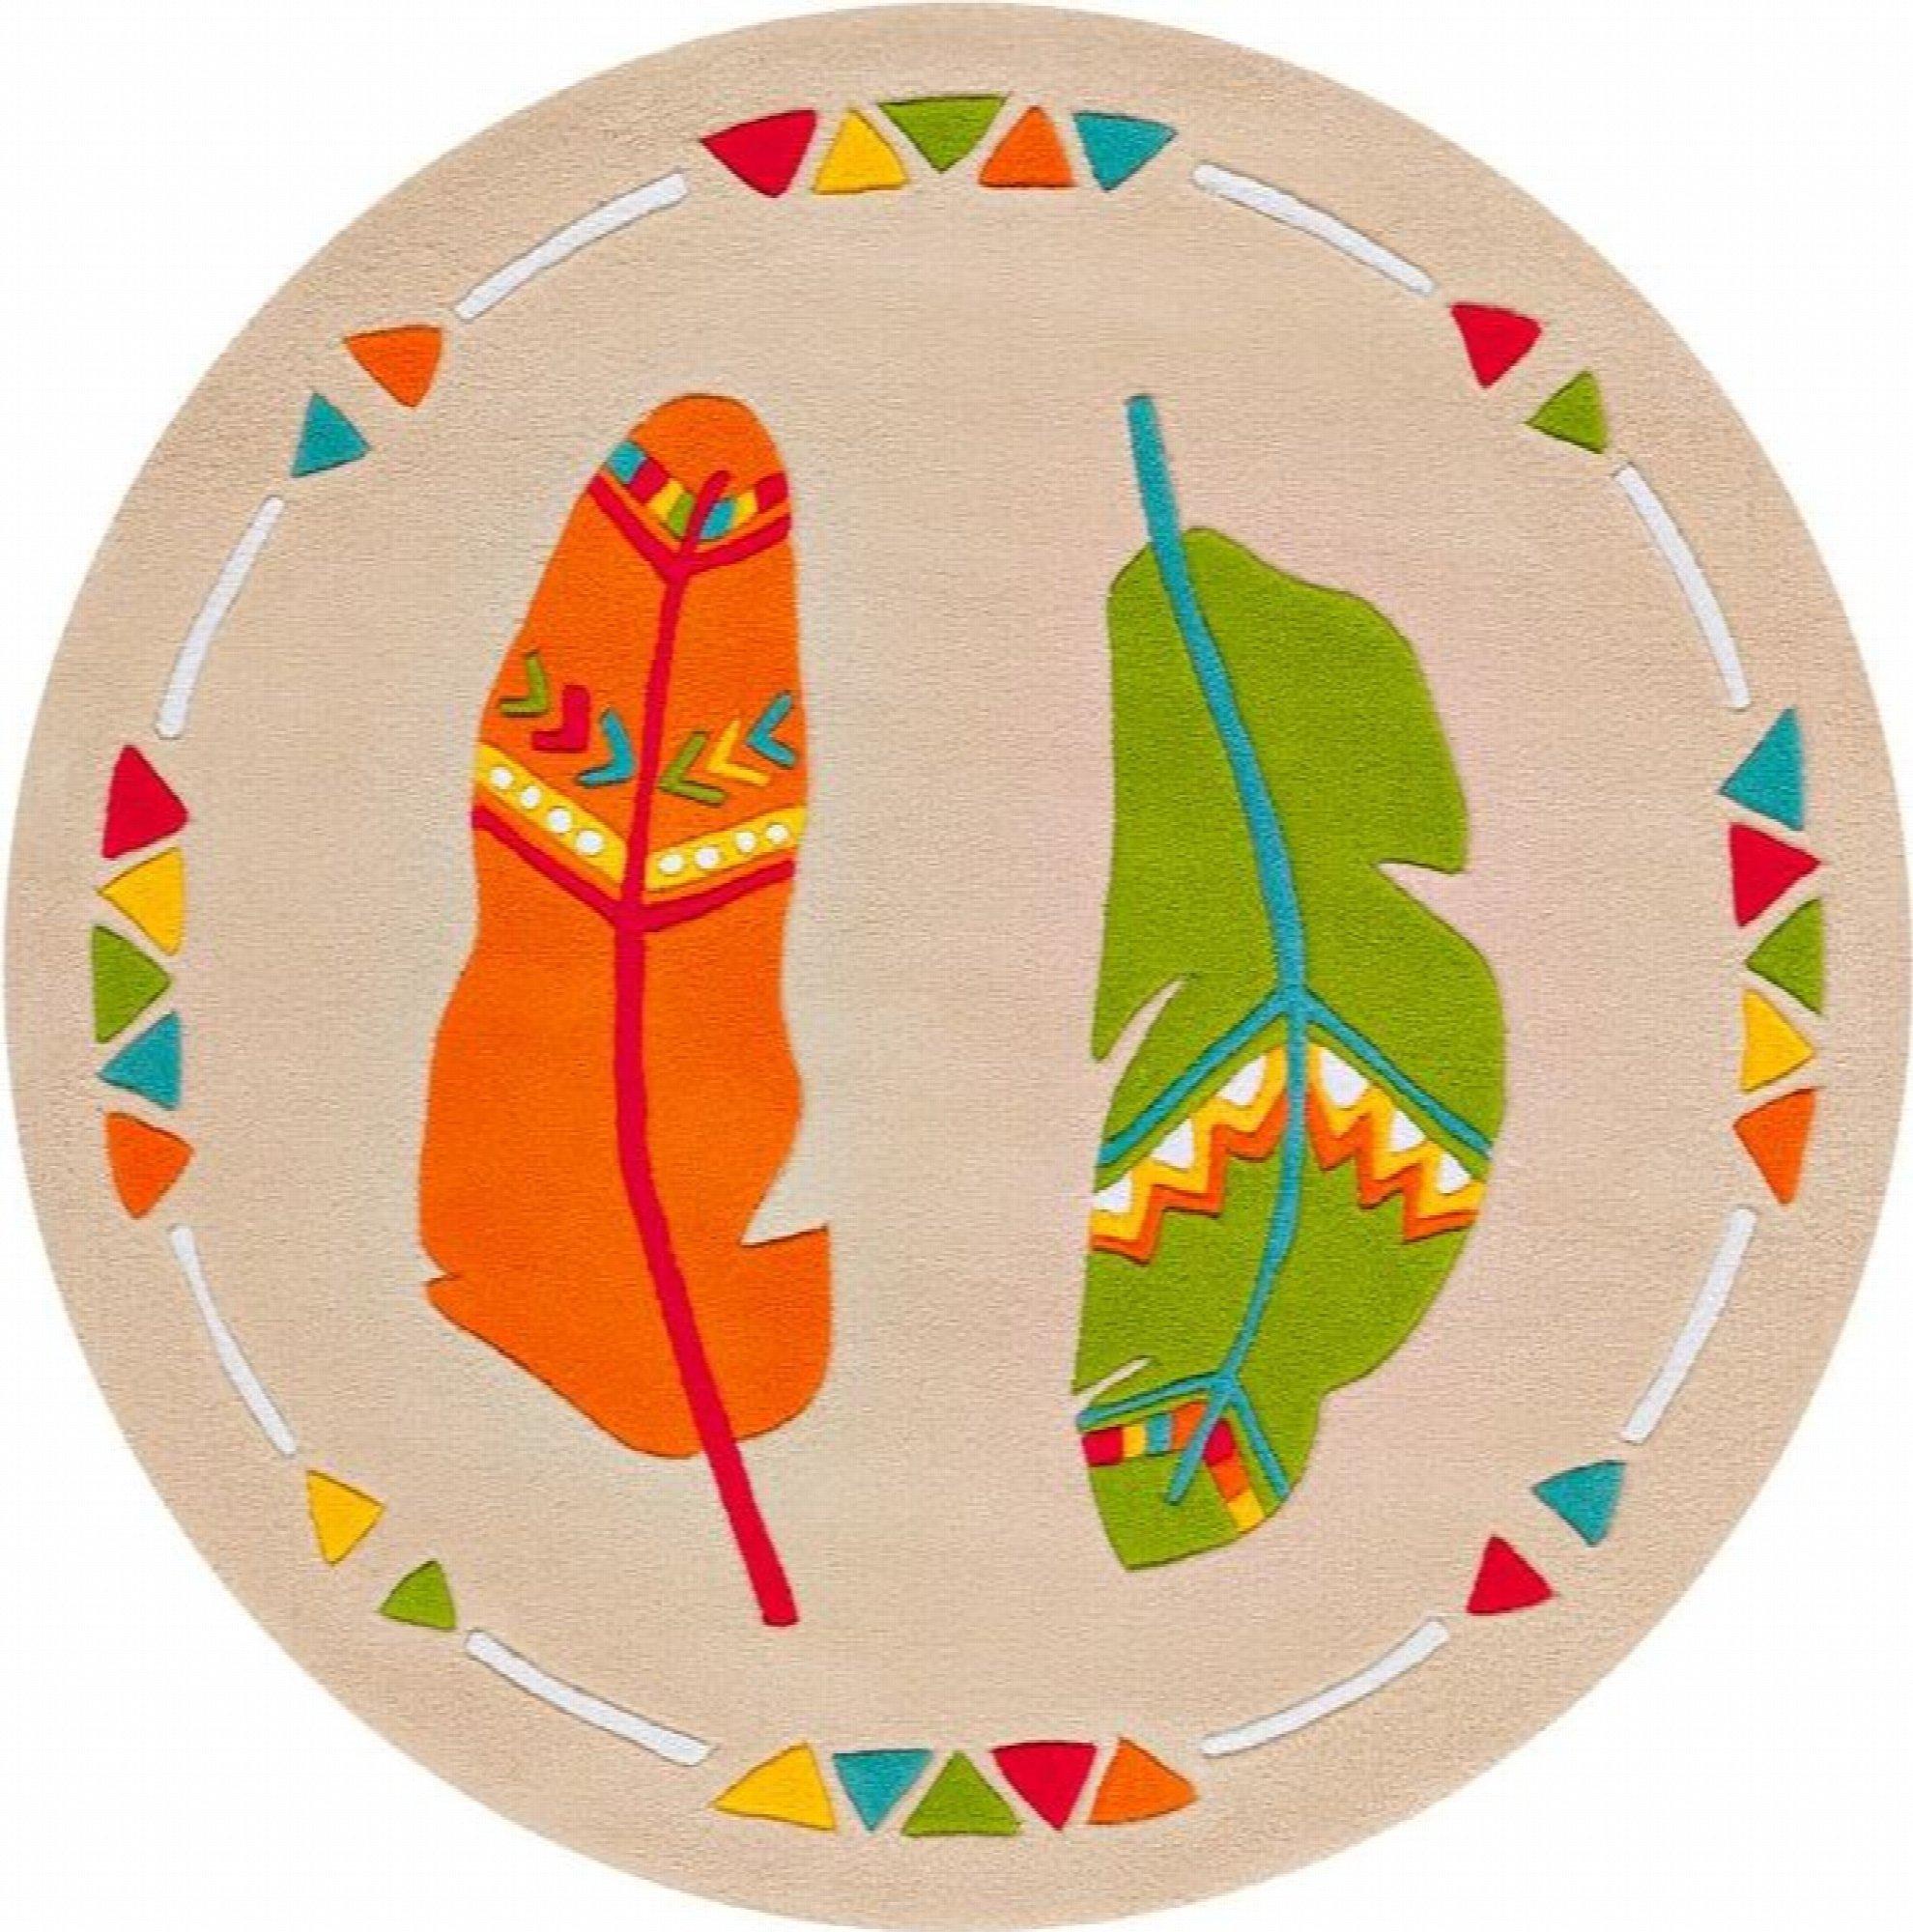 Tapis enfant multicolore rond poils courts acrylique ø 130